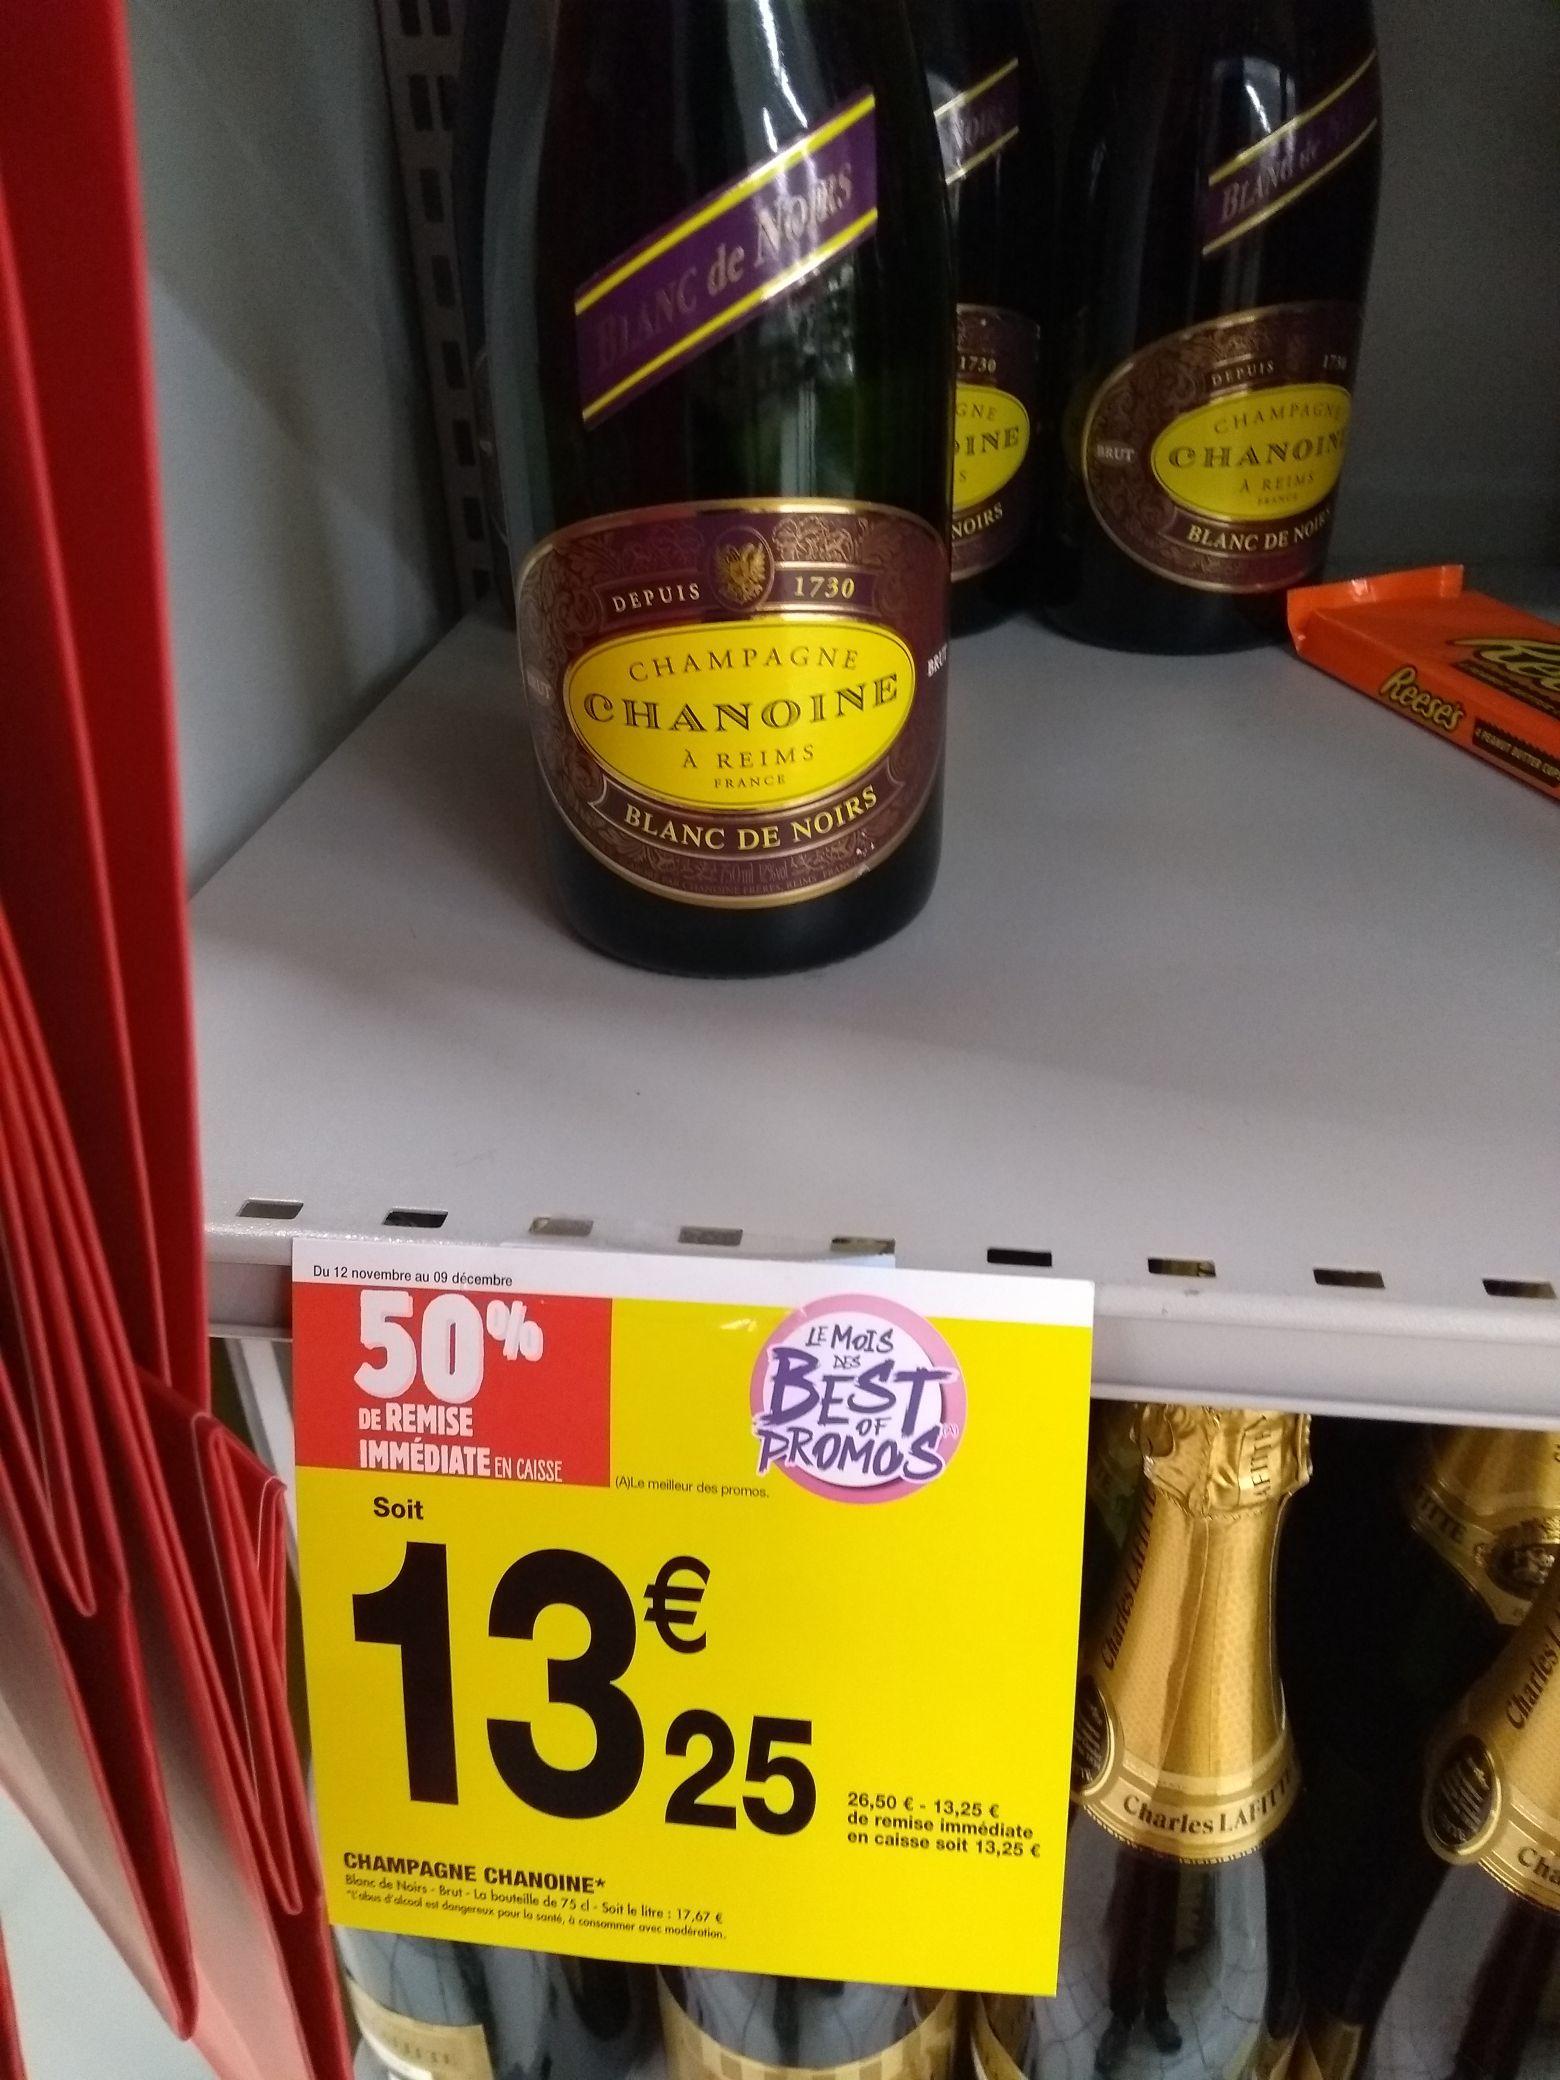 Champagne Chanoine Blanc de noir - 75cl